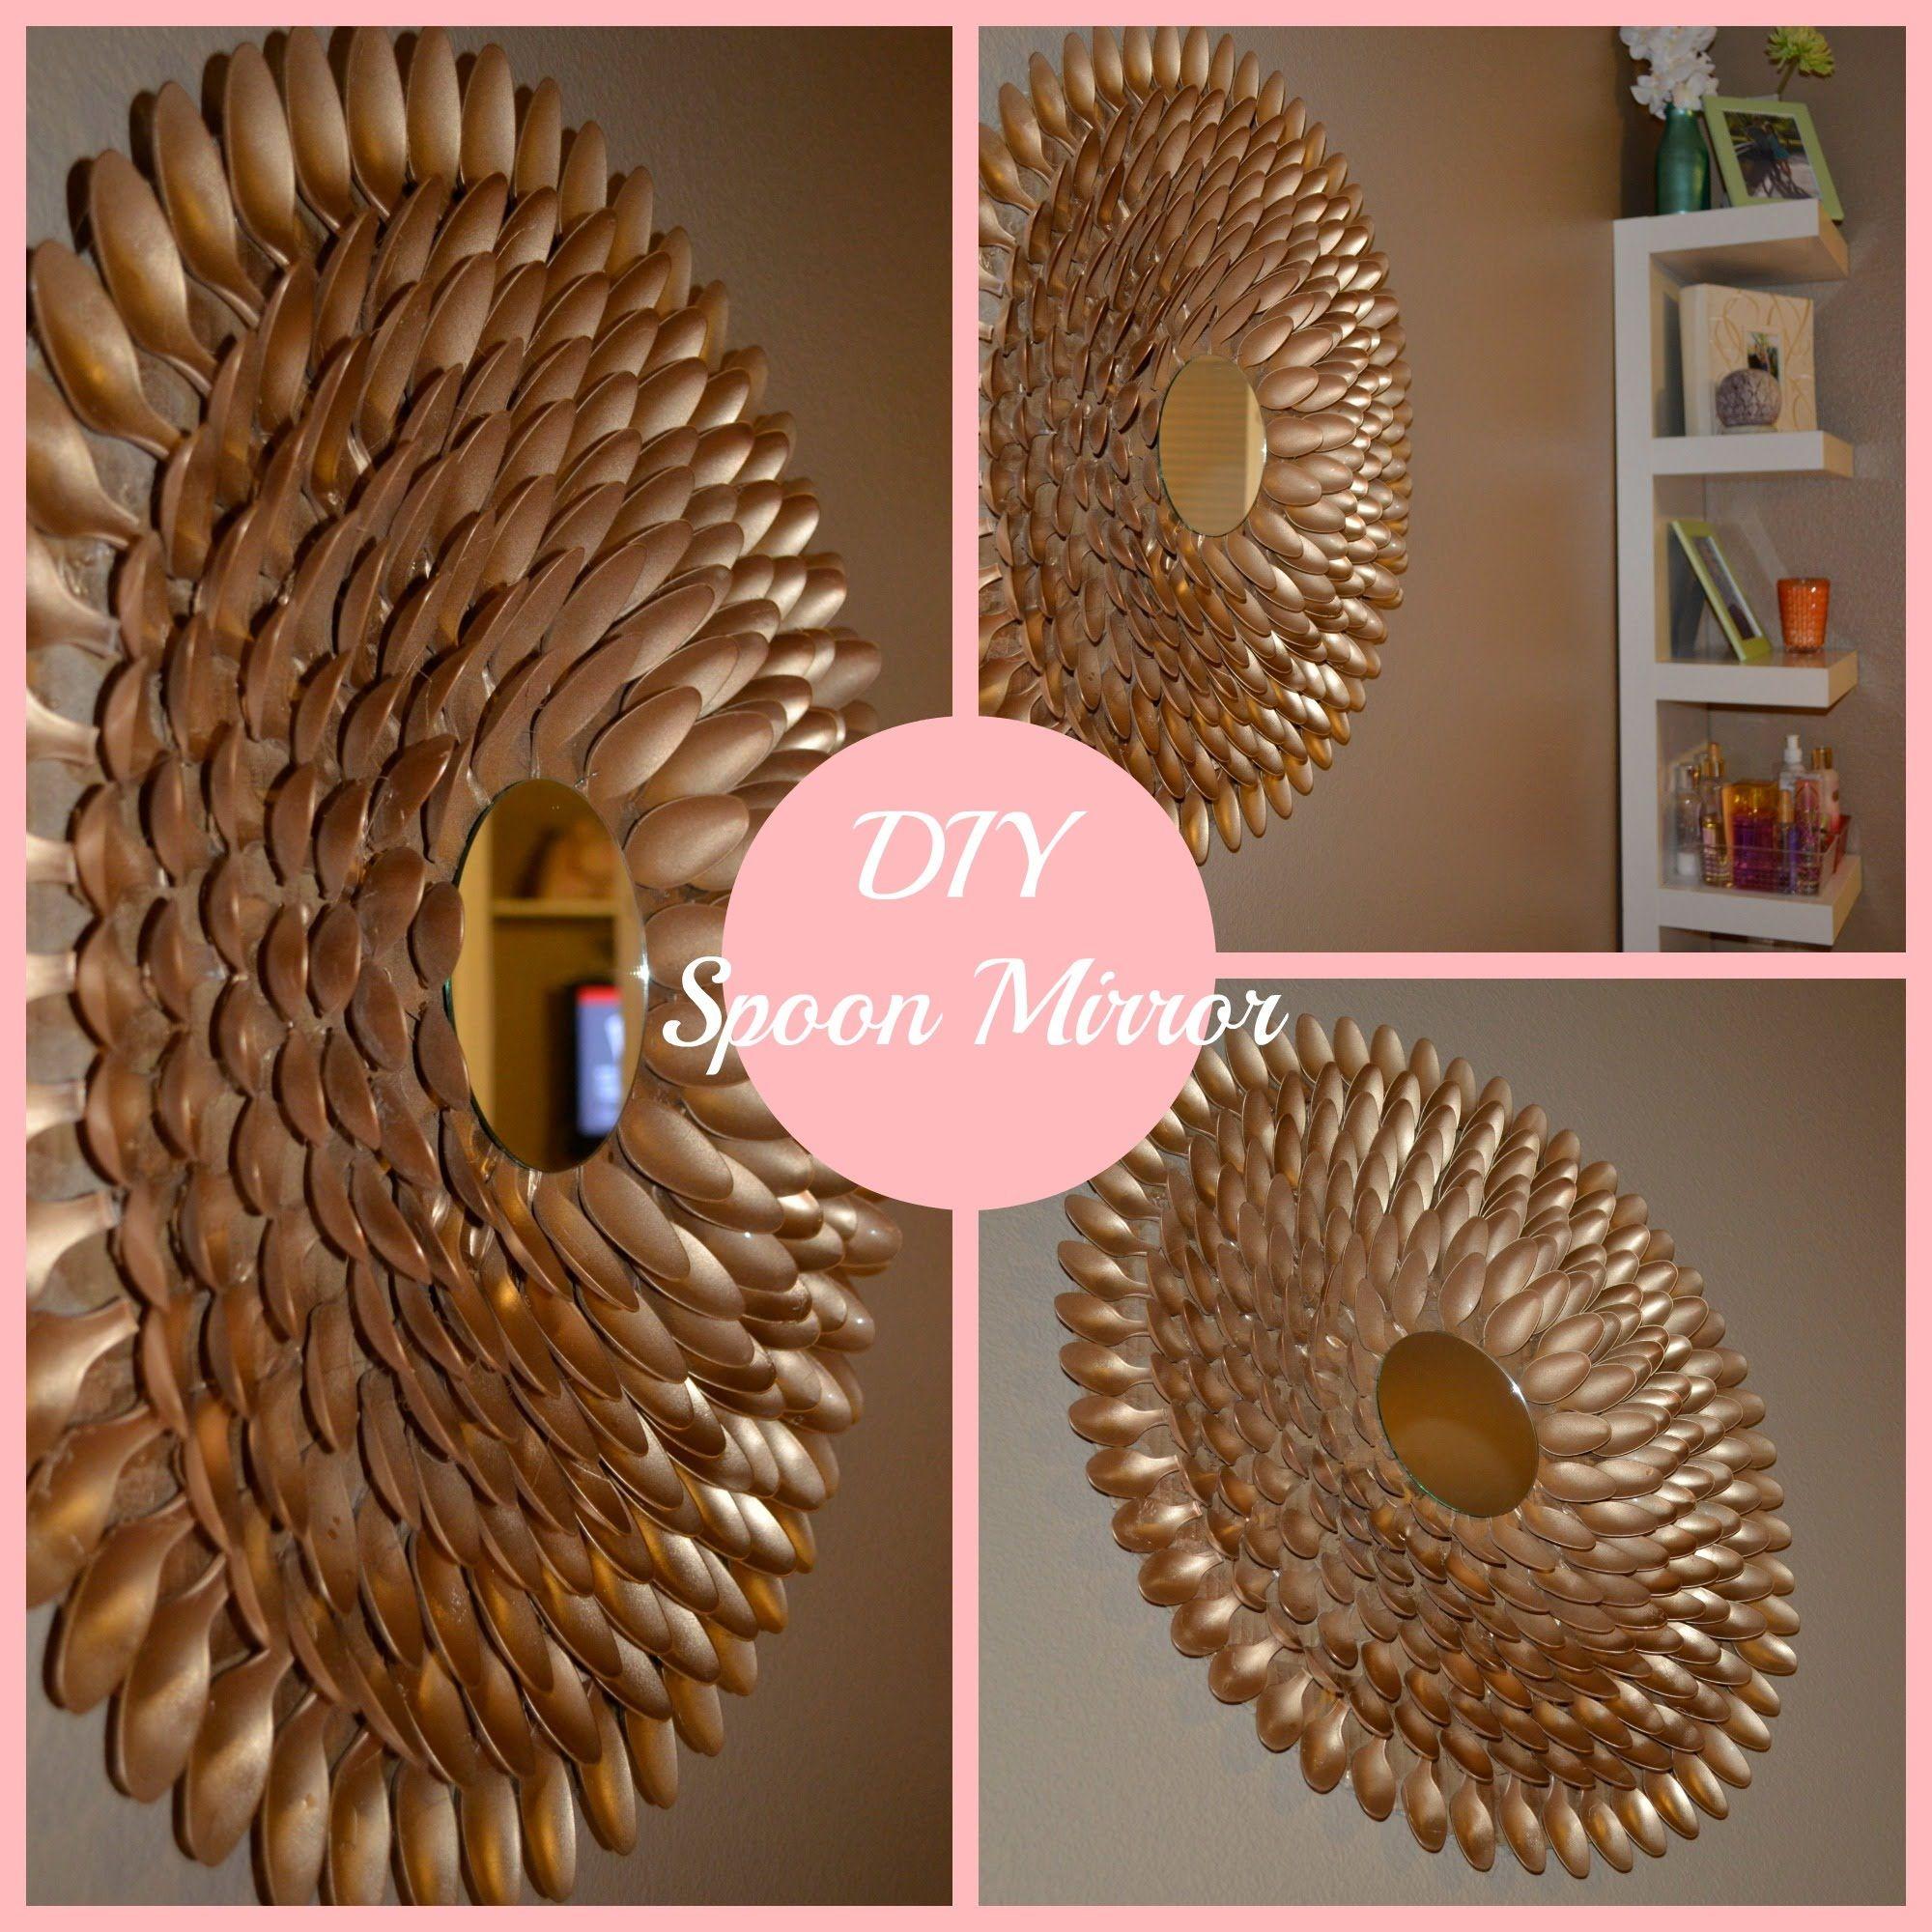 Art Décor: DIY Spoon Mirror Wall Decor